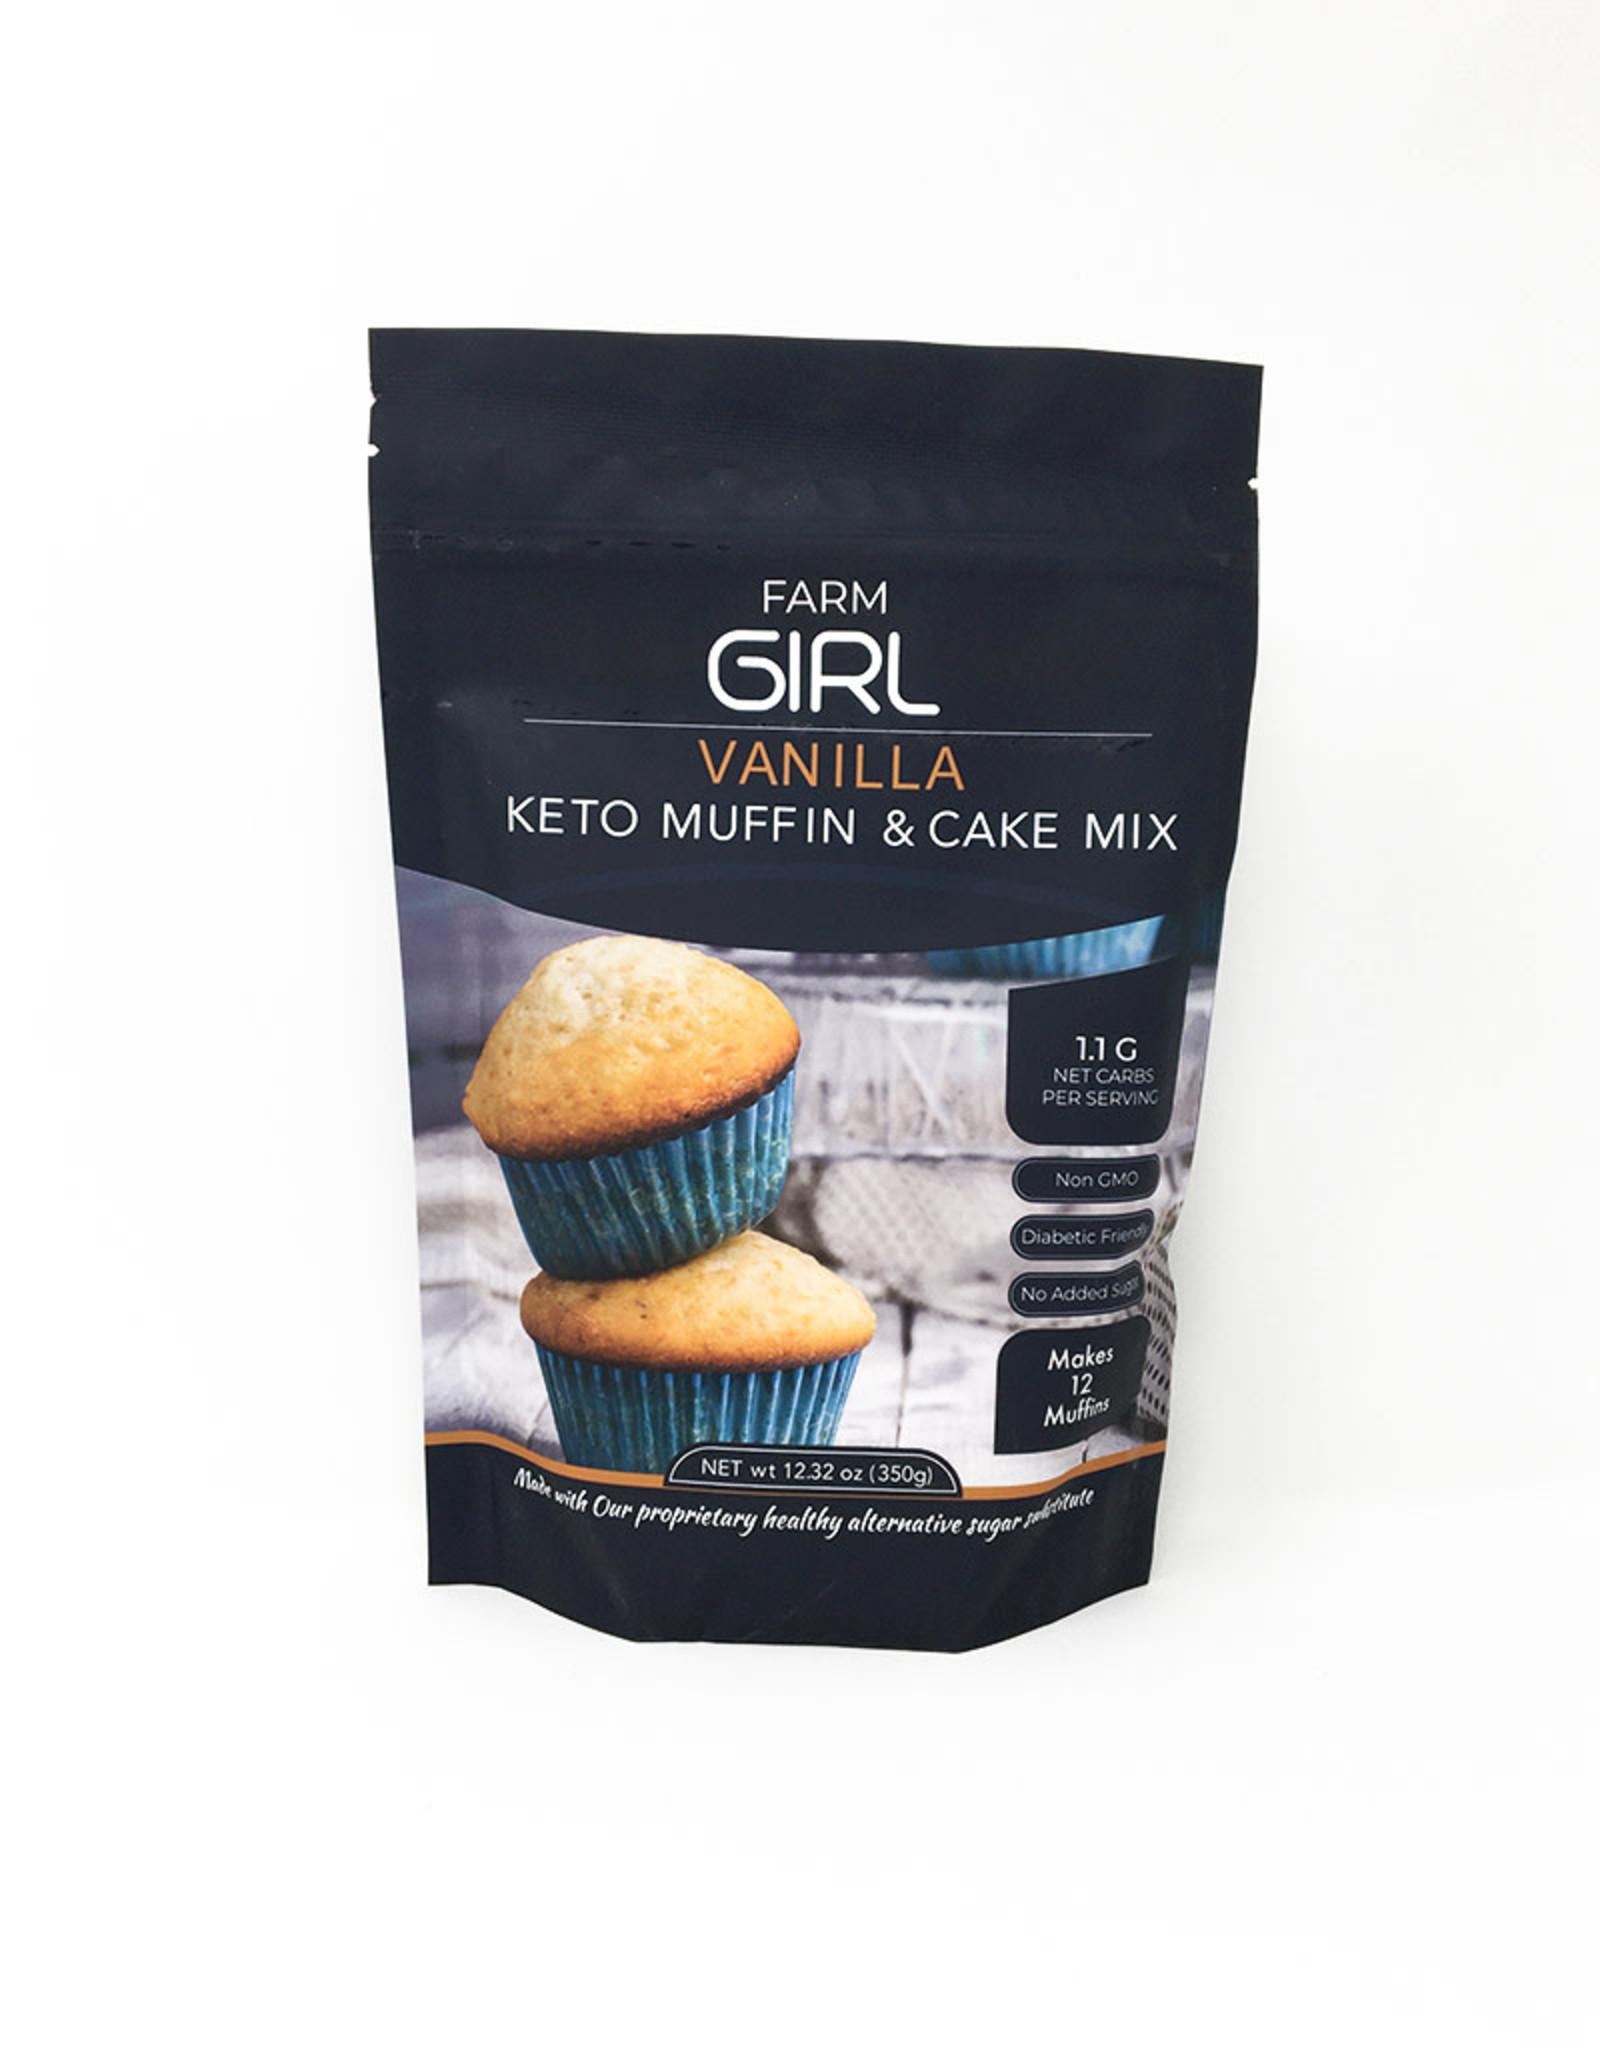 Farm Girl Farm Girl - Muffin & Cake Mix, Vanilla (350g)